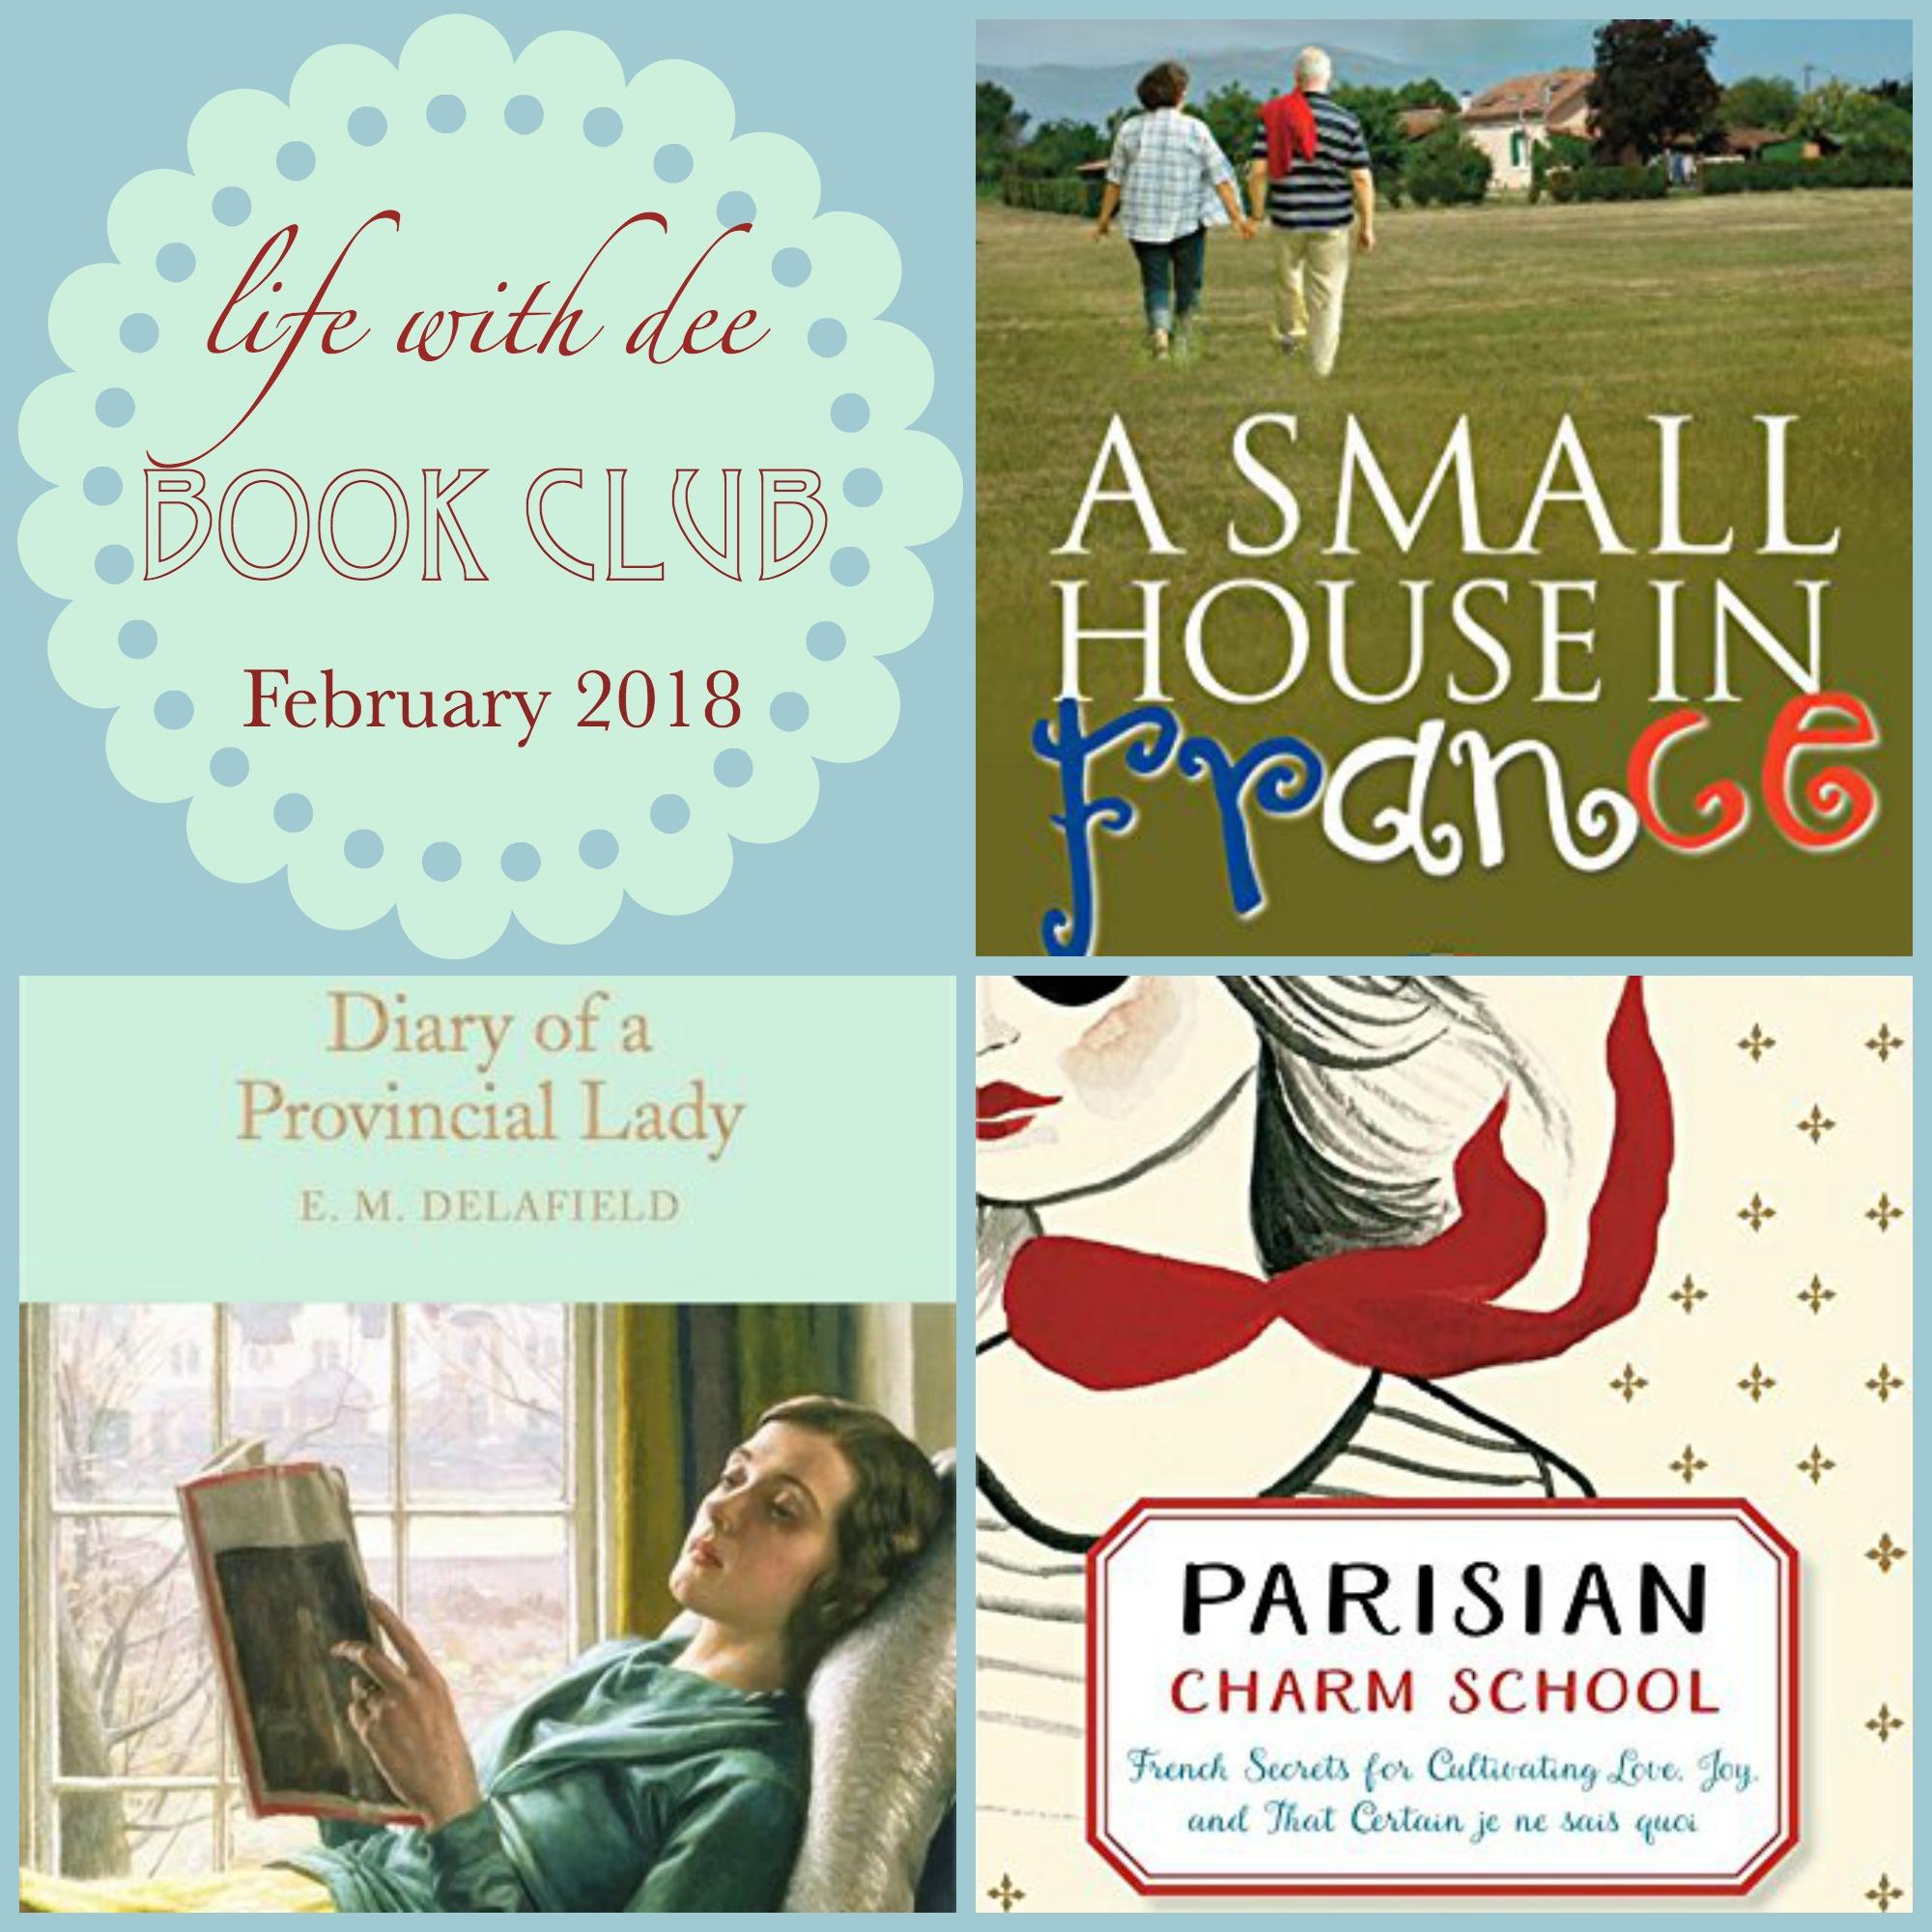 LWD Book Club February 2018